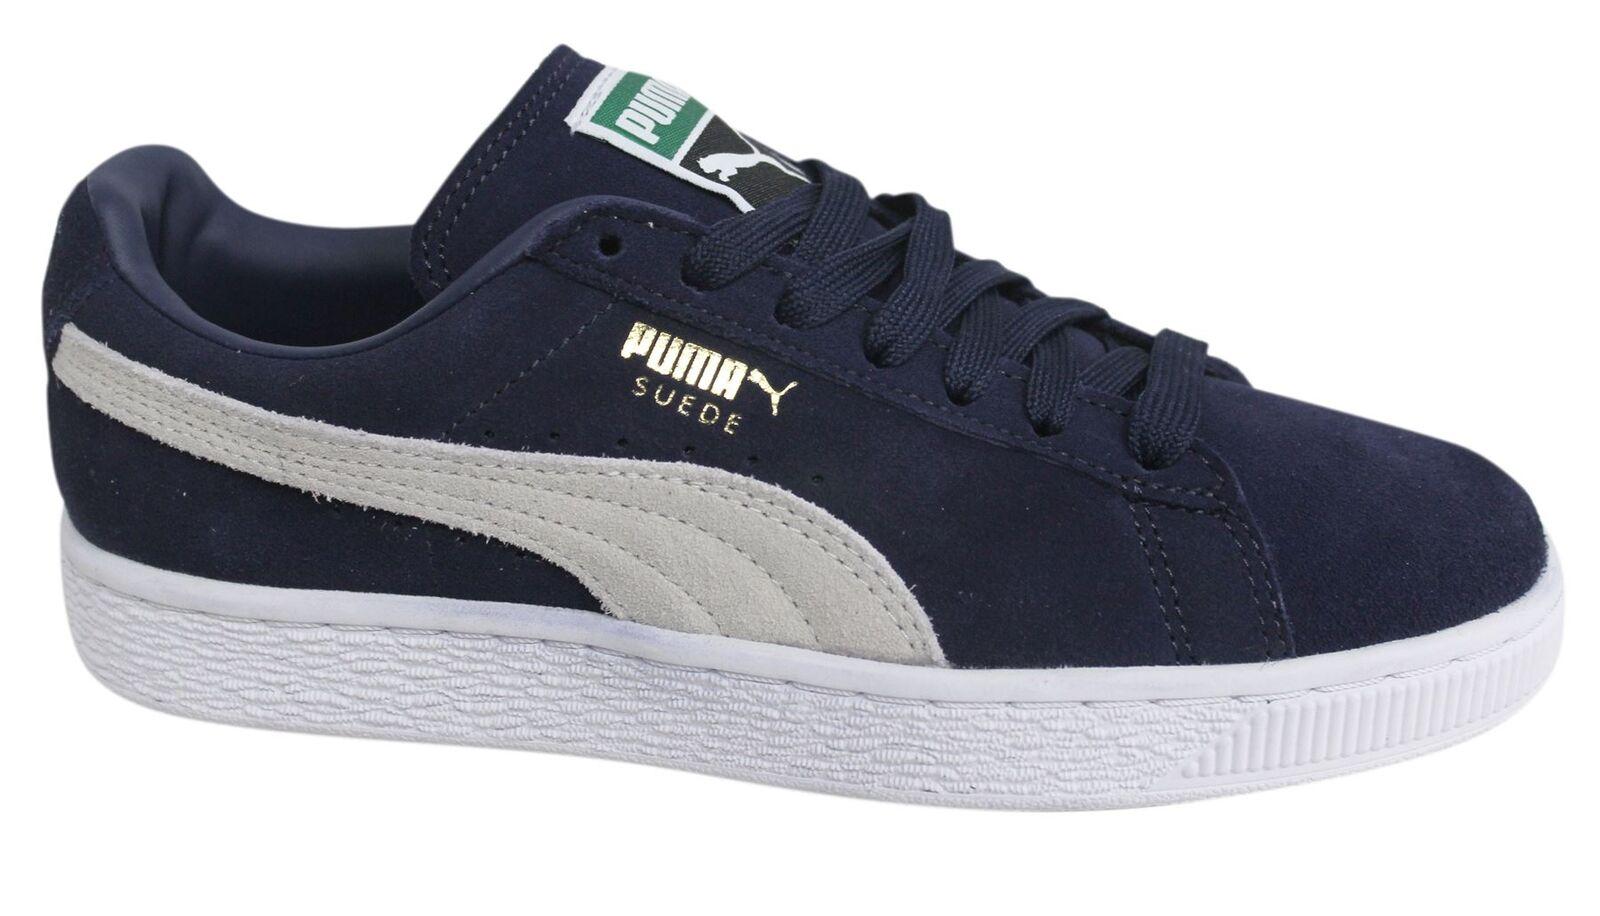 Puma Gamuza Clásico + con Cordones Azul Marino Zapatillas para hombre de cuero 356568 51 D7